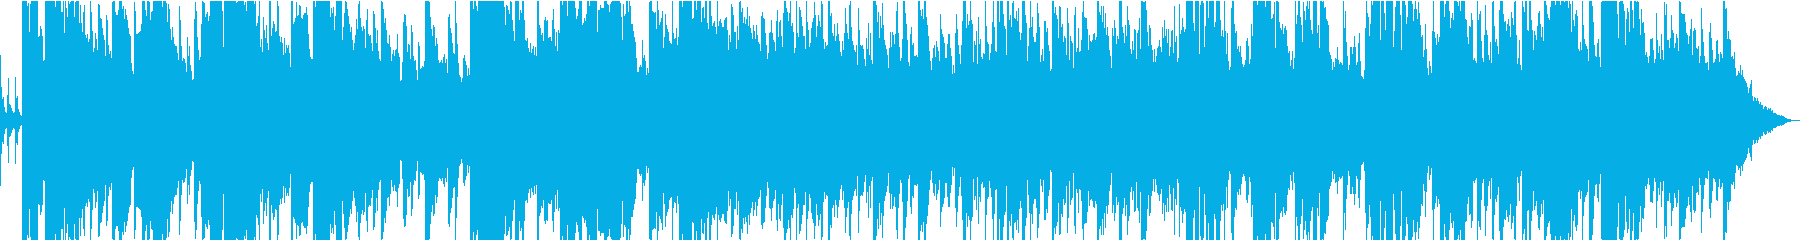 魅惑的なテナーサックスのメロディー...の再生済みの波形